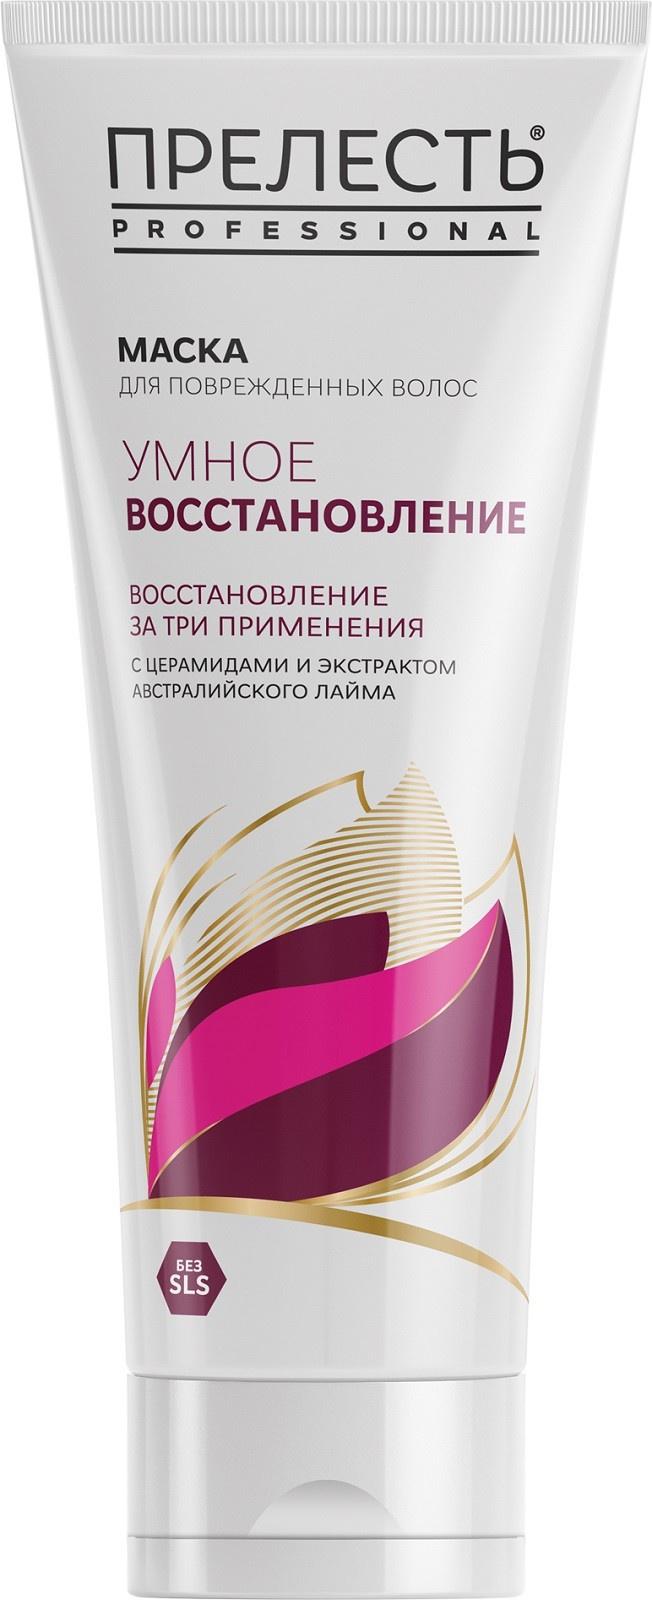 Maska-dlya-volos-Prelestq-Professional-Umnoe-vosstanovlenie-Dlya-povrezhdennyh-volos-Za-tri-primeneniya-vosstanavlivaet-strukturu-volos-S-ceramidami-i